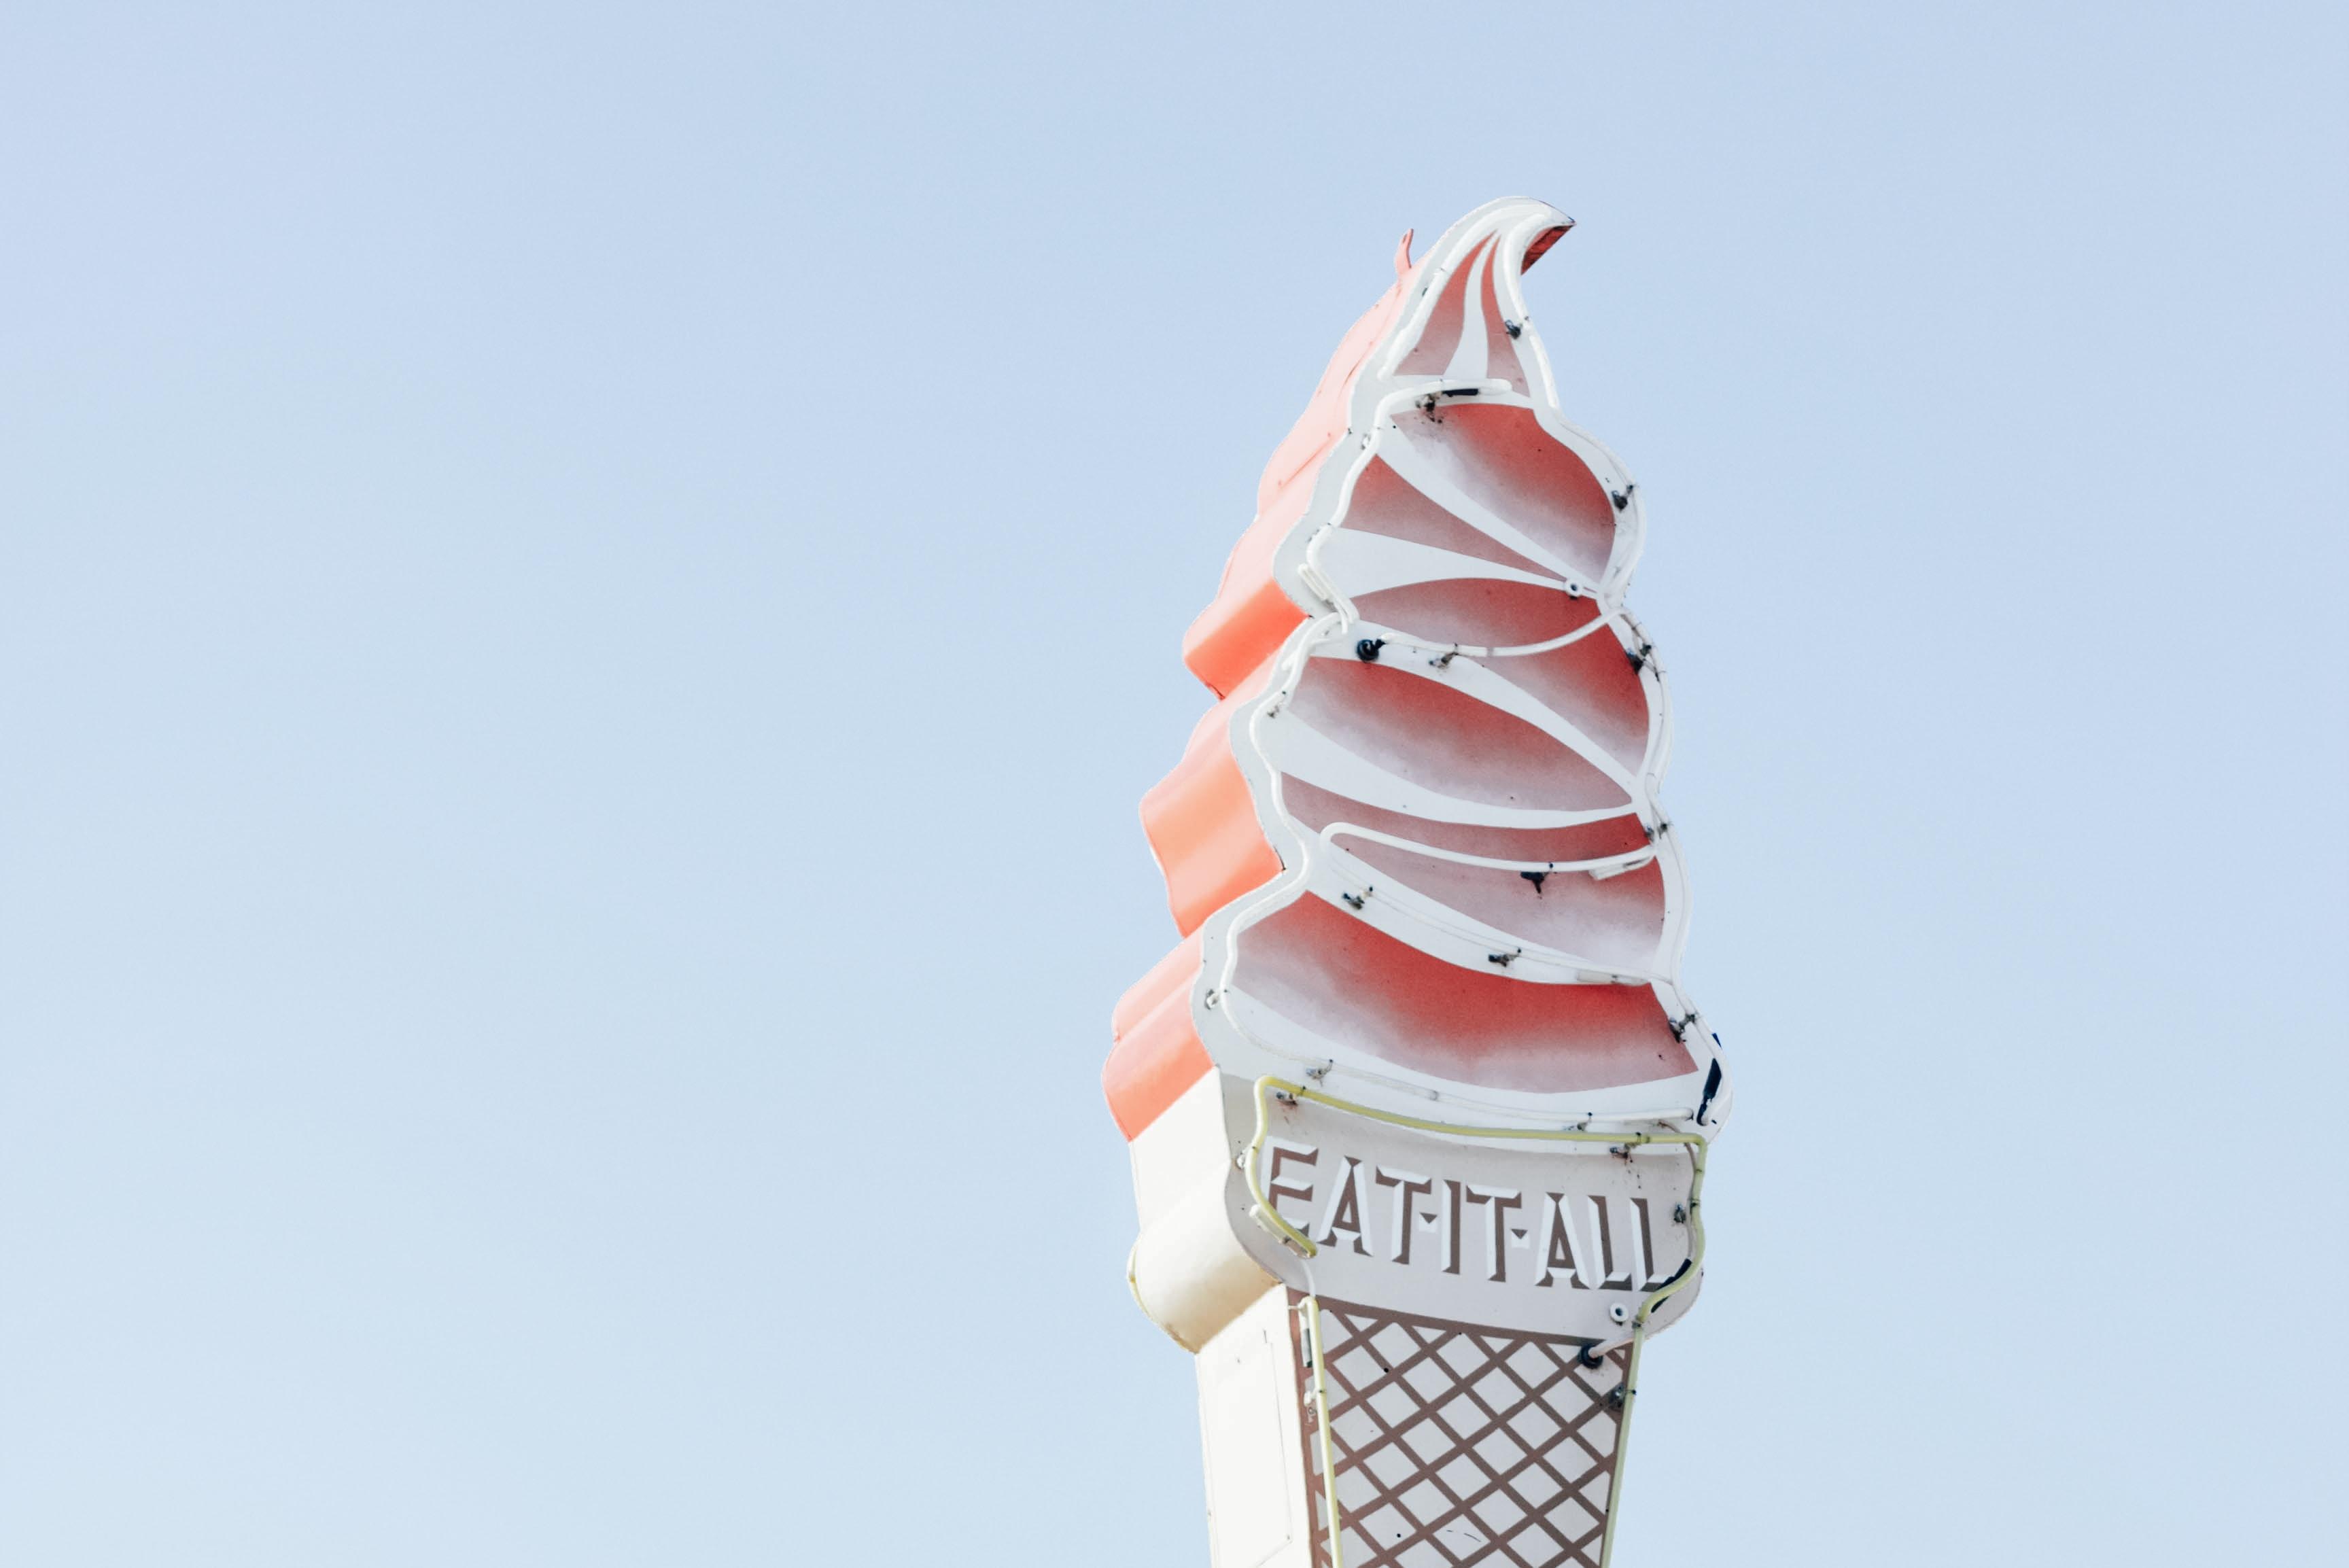 ice cream short story stories